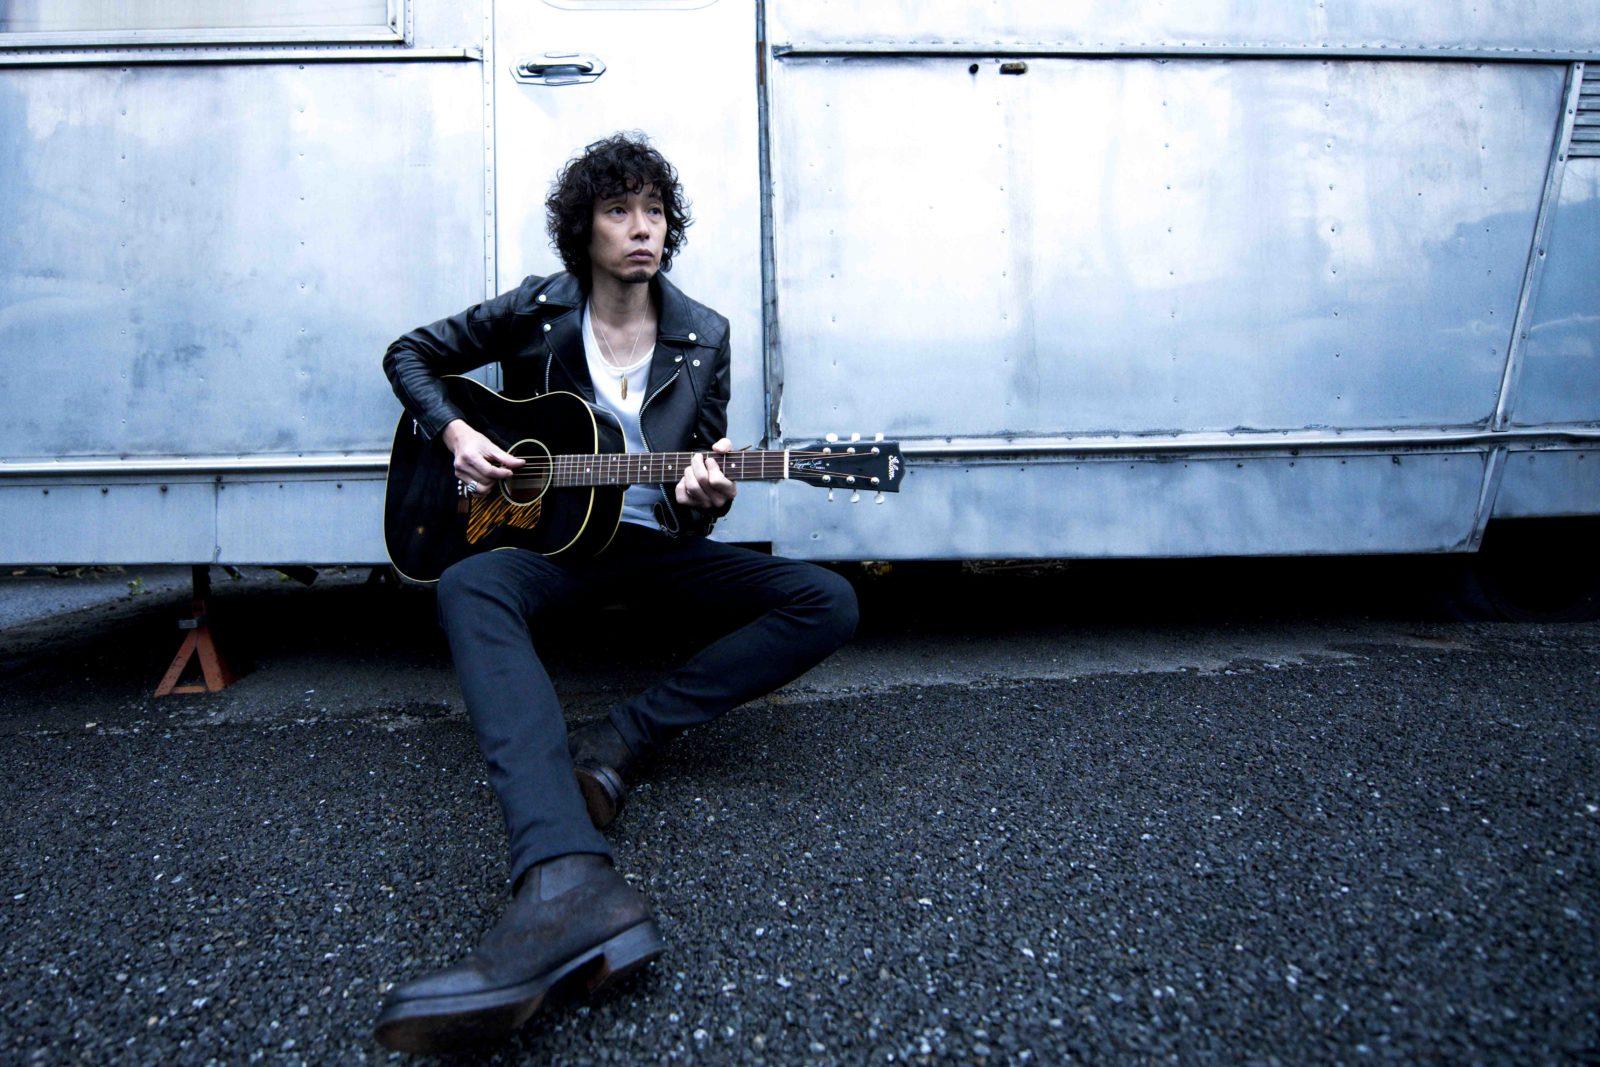 斉藤和義 25周年ツアーで初披露された「カラー」とオリコン1位のアルバム「Toys Blood Music」 のライブ作品が同時リリース決定サムネイル画像